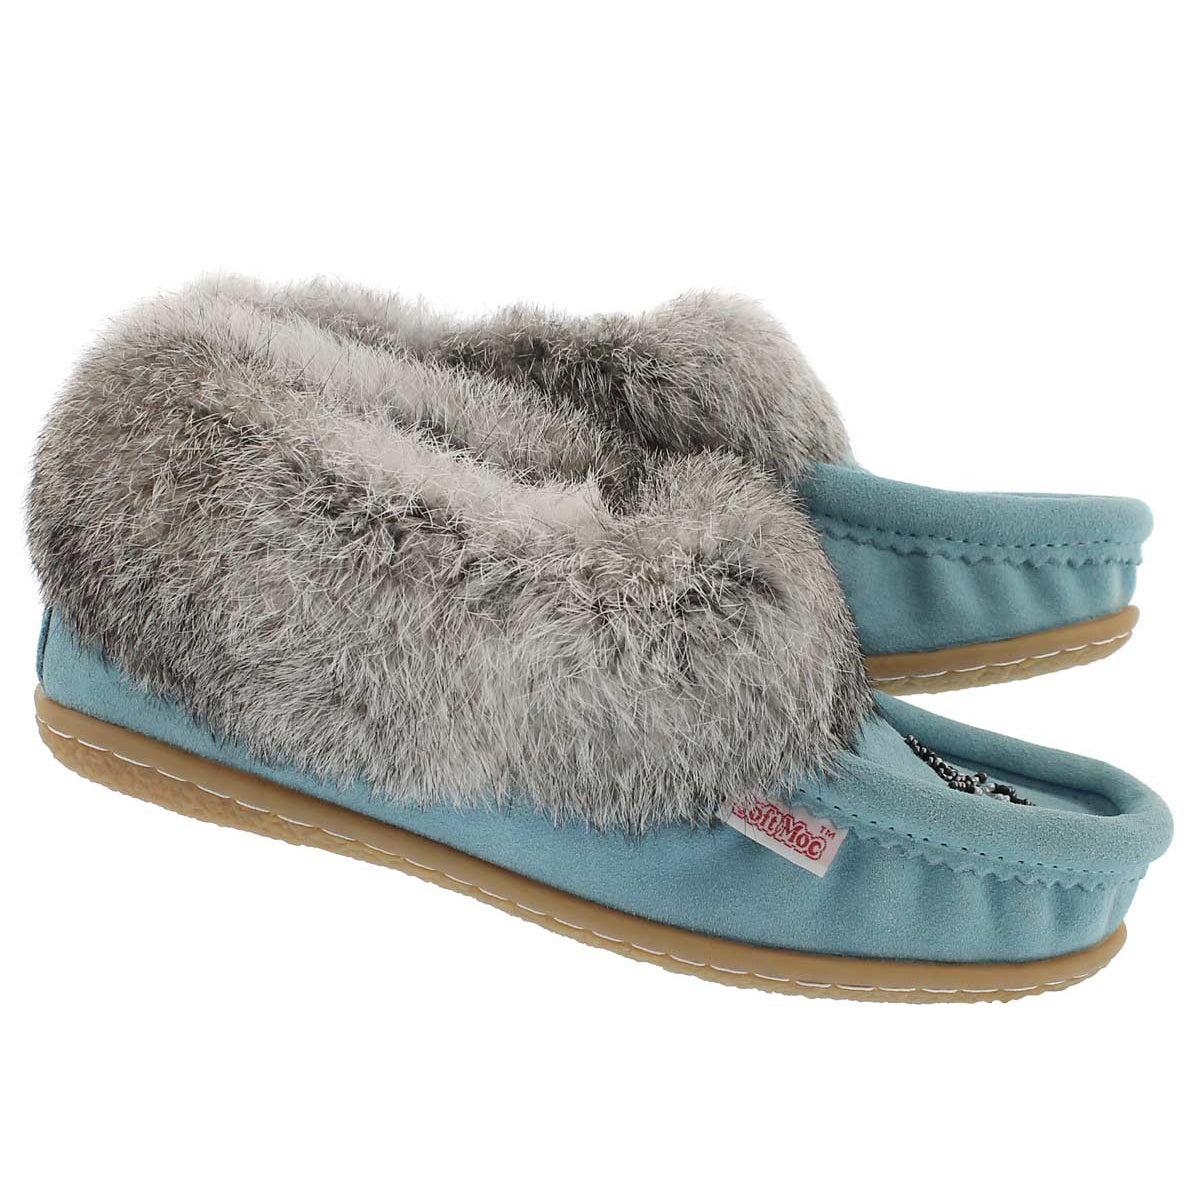 Lds Cute 4 light blu rabbit fur moccasin